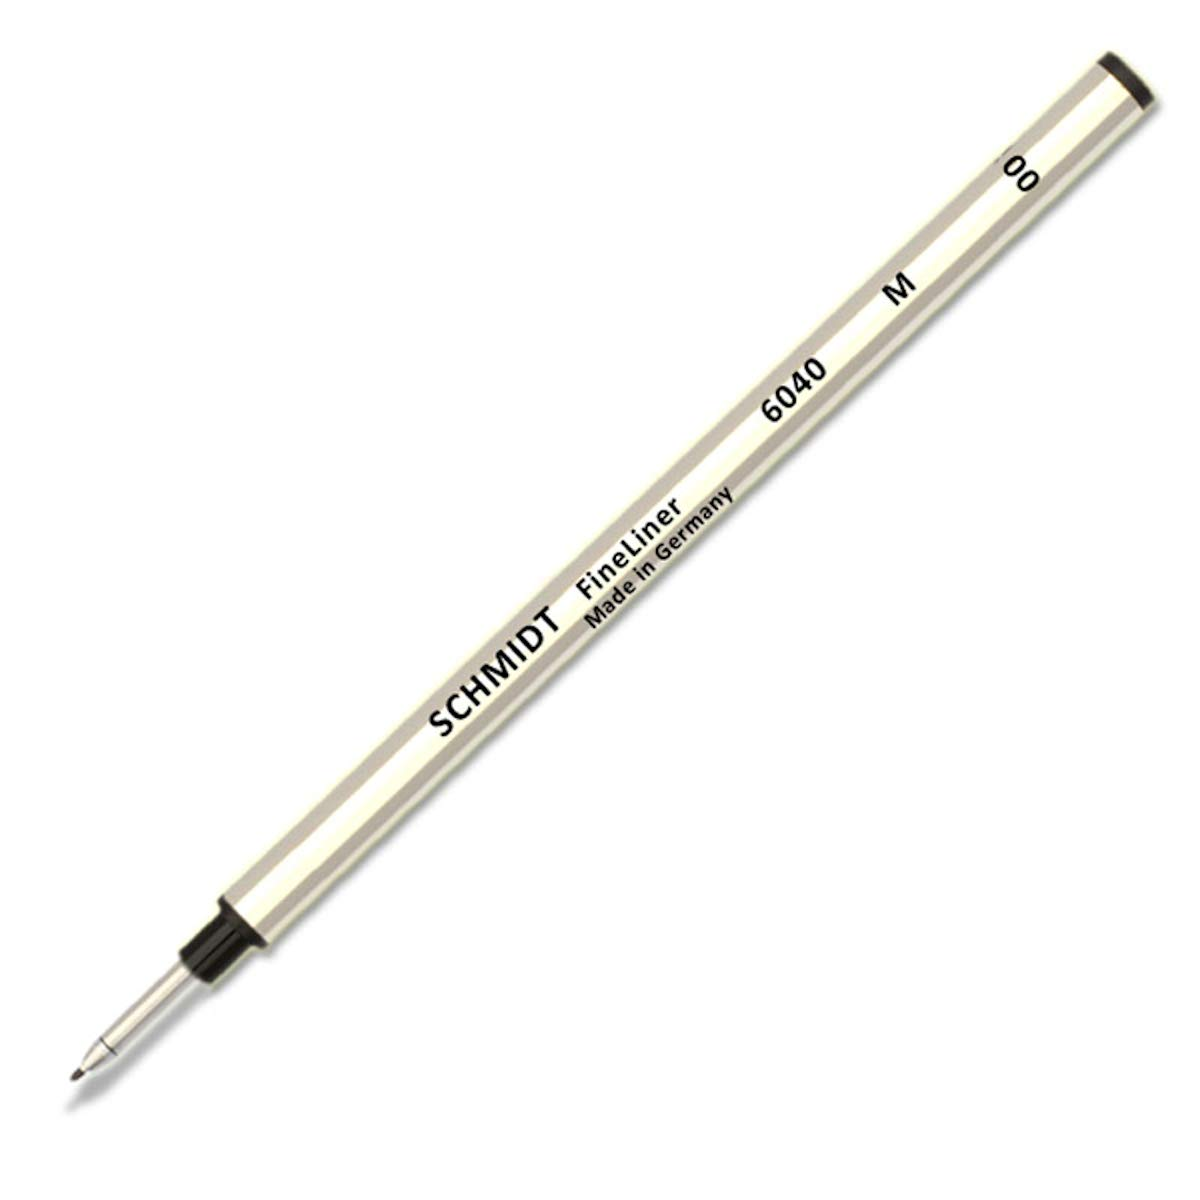 inchiostro nero confezione da 4. Schmidt 6040/fineliner ricariche per penna a sfera